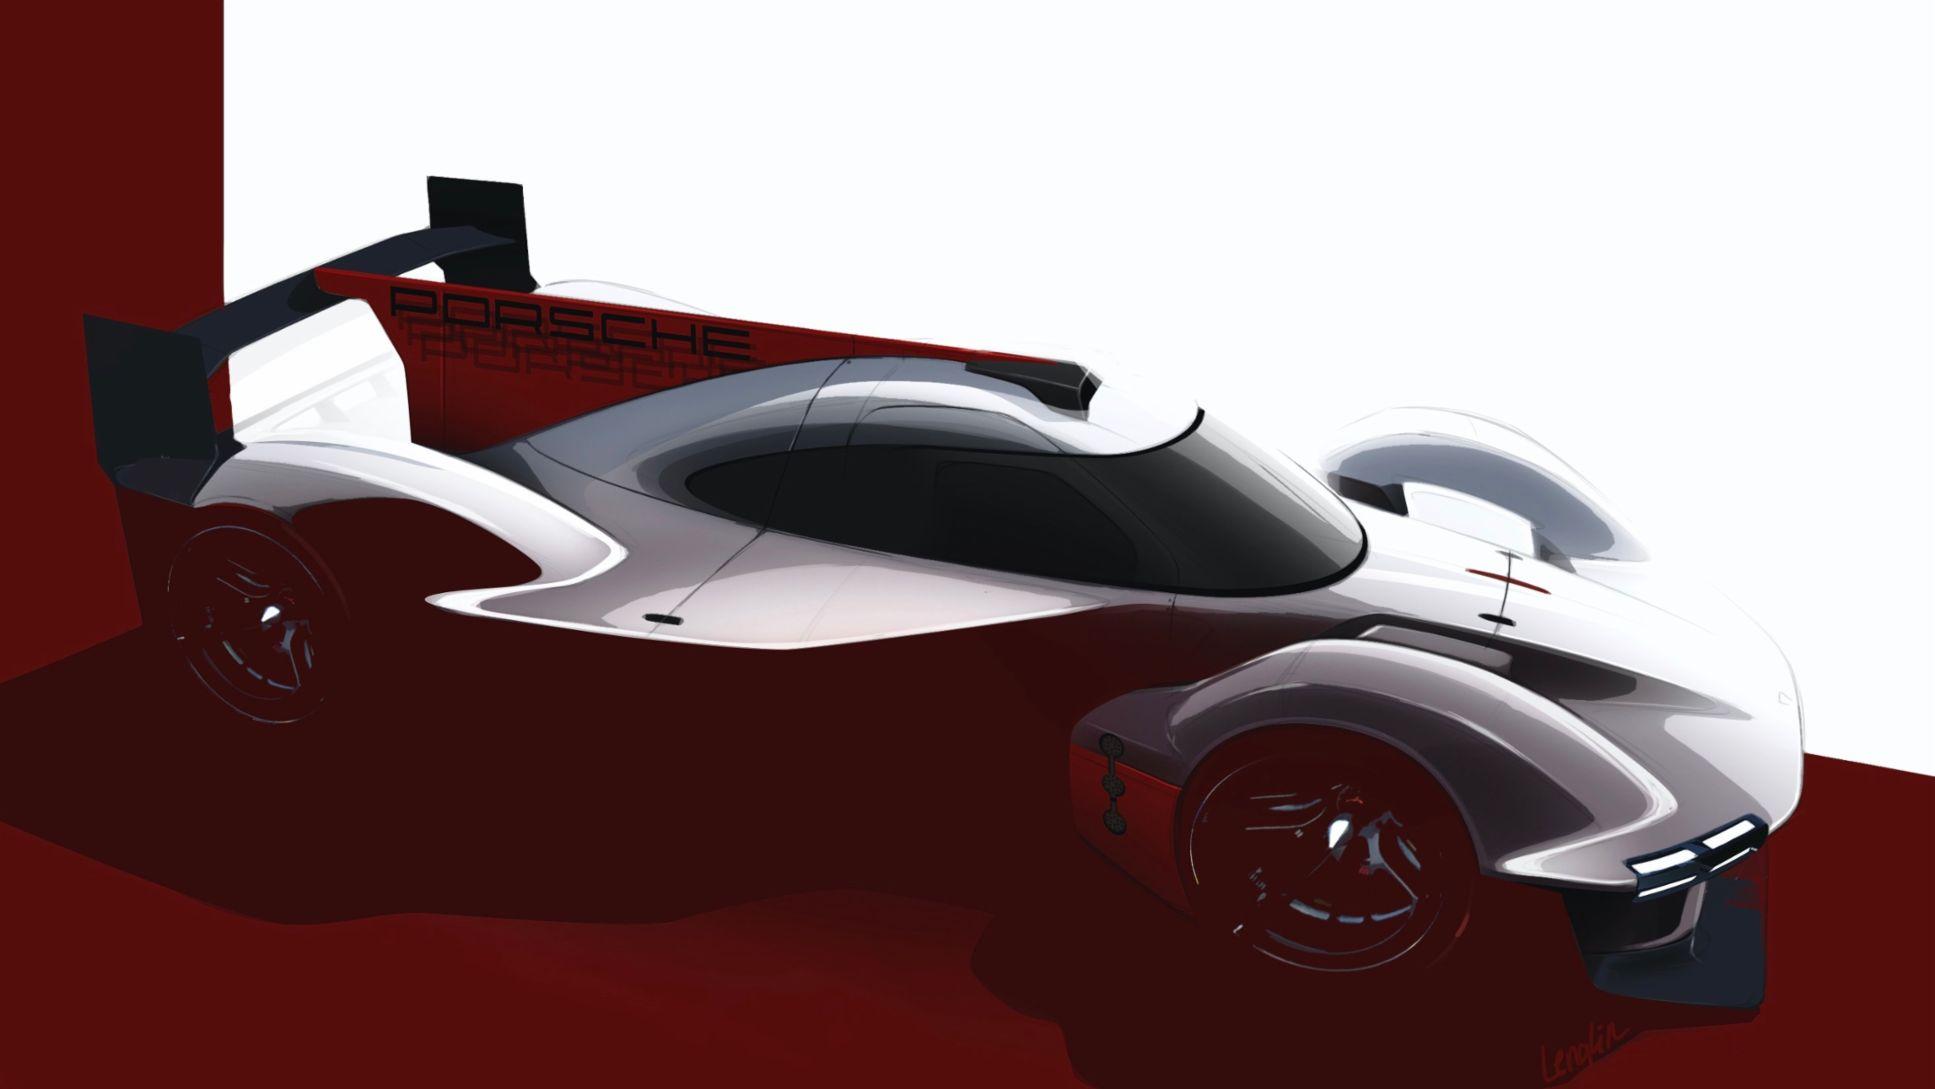 https://newsroom.porsche.com/.imaging/mte/porsche-templating-theme/image_1290x726/dam/pnr/2020/motorsports/2020/LMDH/b5-Porsche-Motorsport_LMDh-teaser-front--2.jpeg/jcr:content/b5-Porsche%20Motorsport_LMDh%20teaser%20front%20%202.jpeg